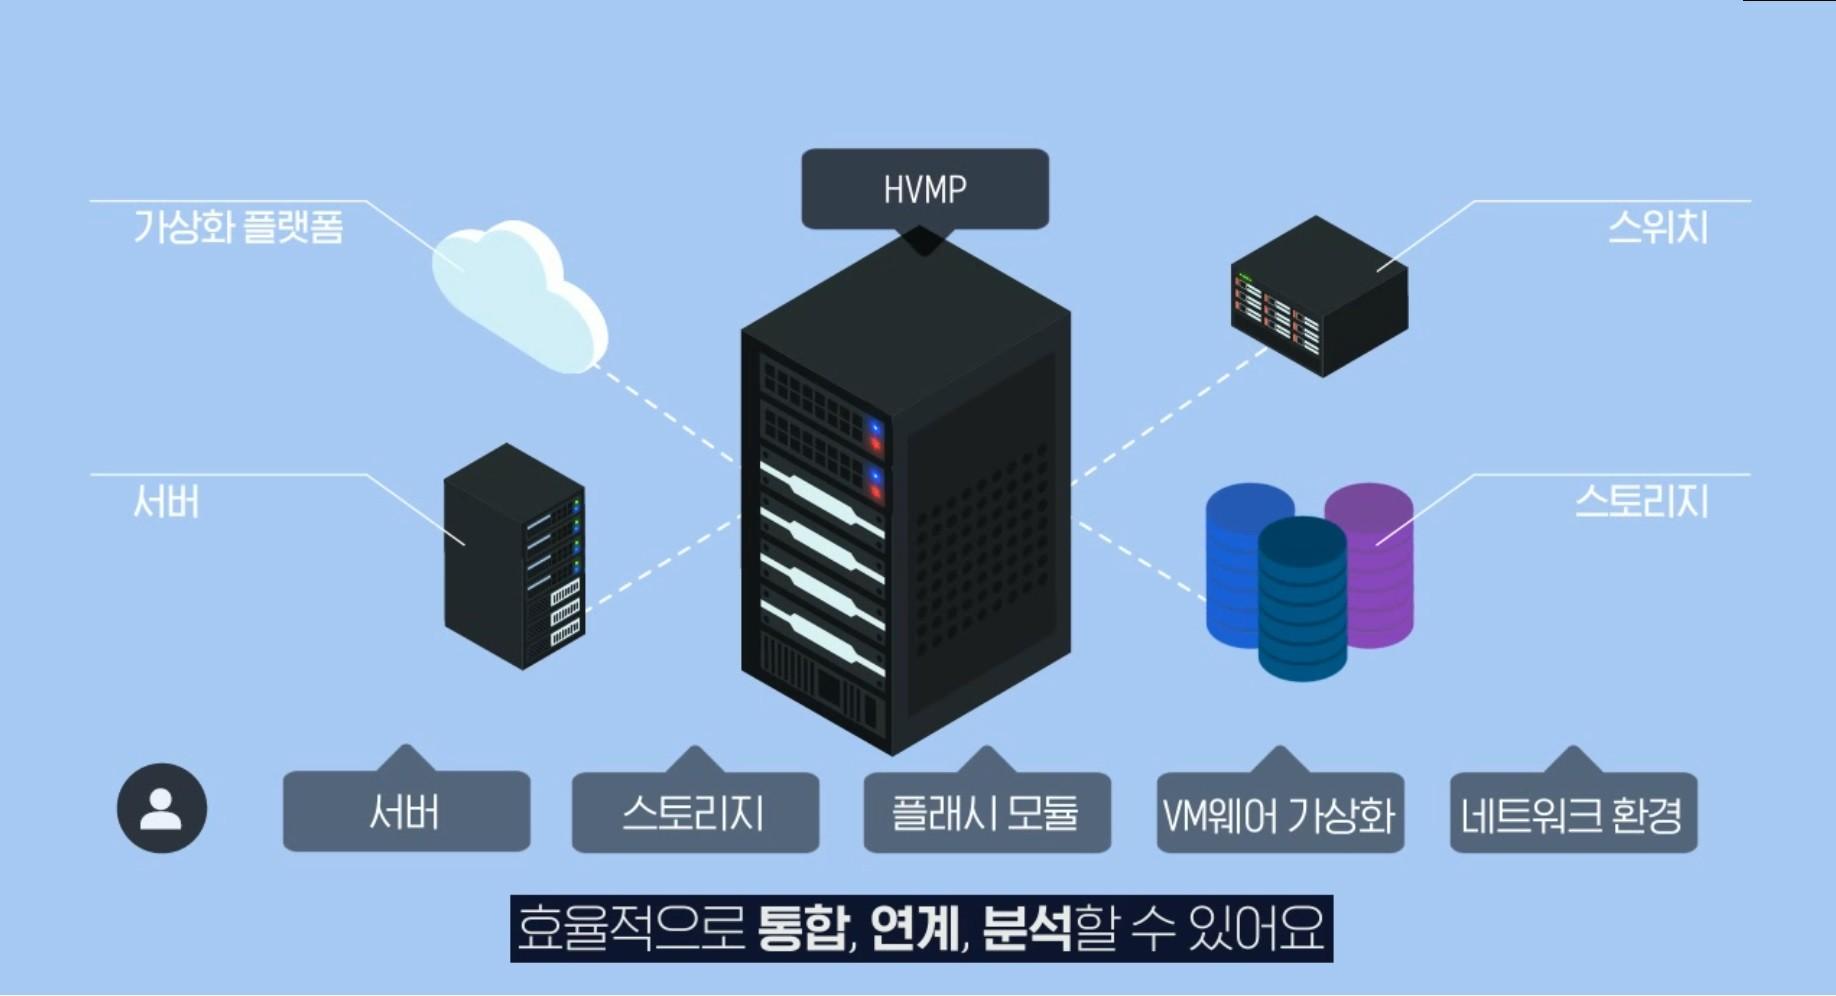 효성인포메이션 영상전용 컨버지드 플랫폼 HVMP 서비스 구성도